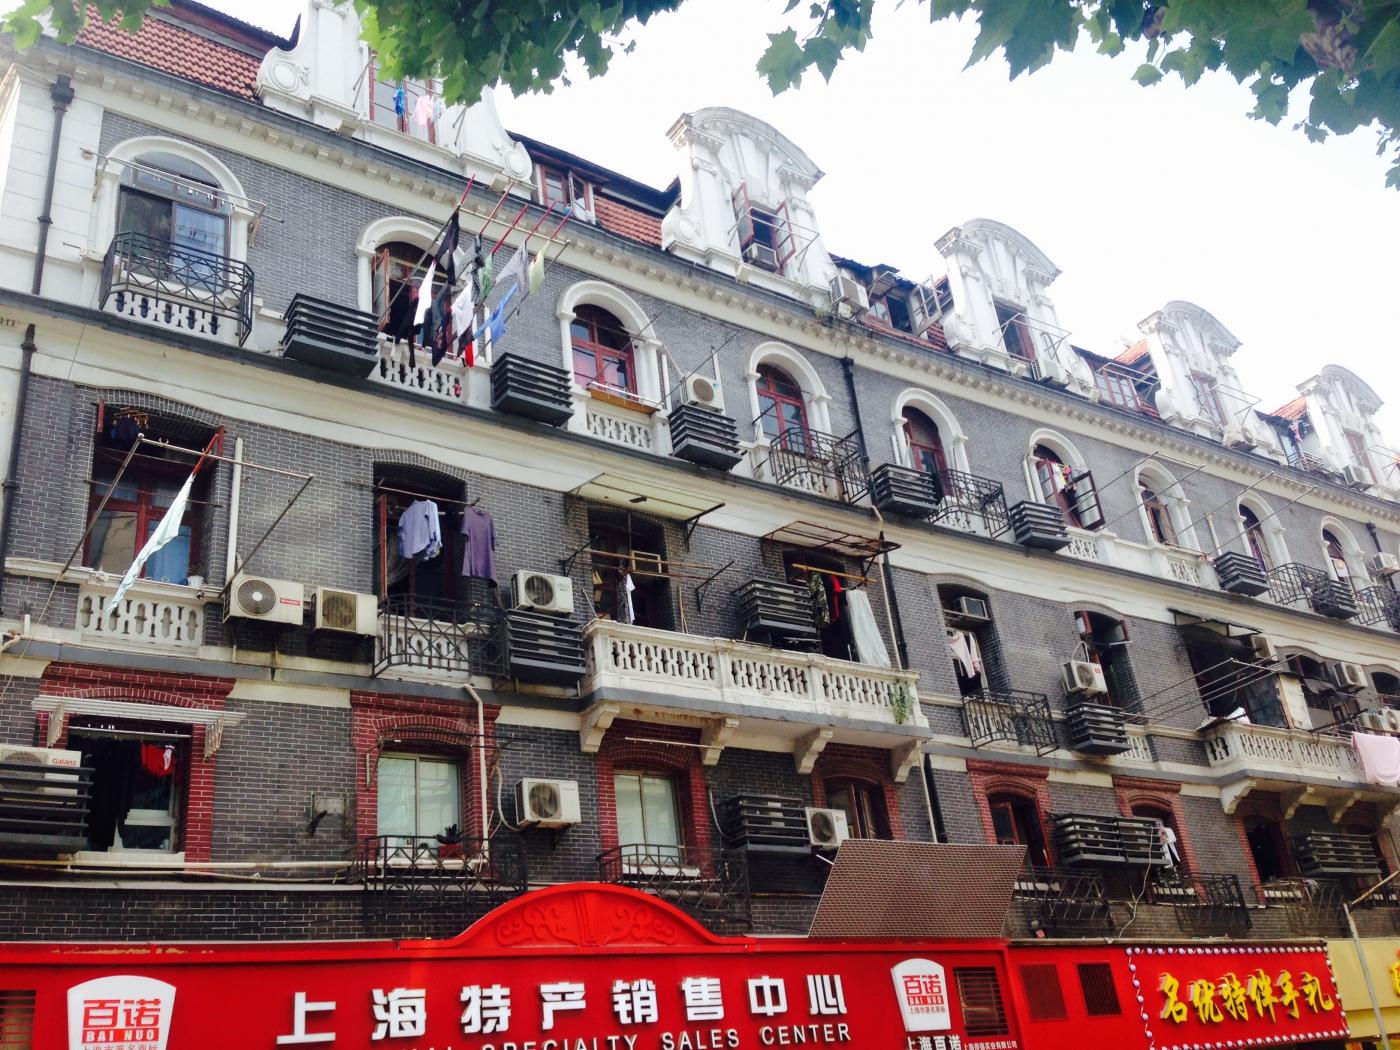 闲逛上海看街景_图1-2